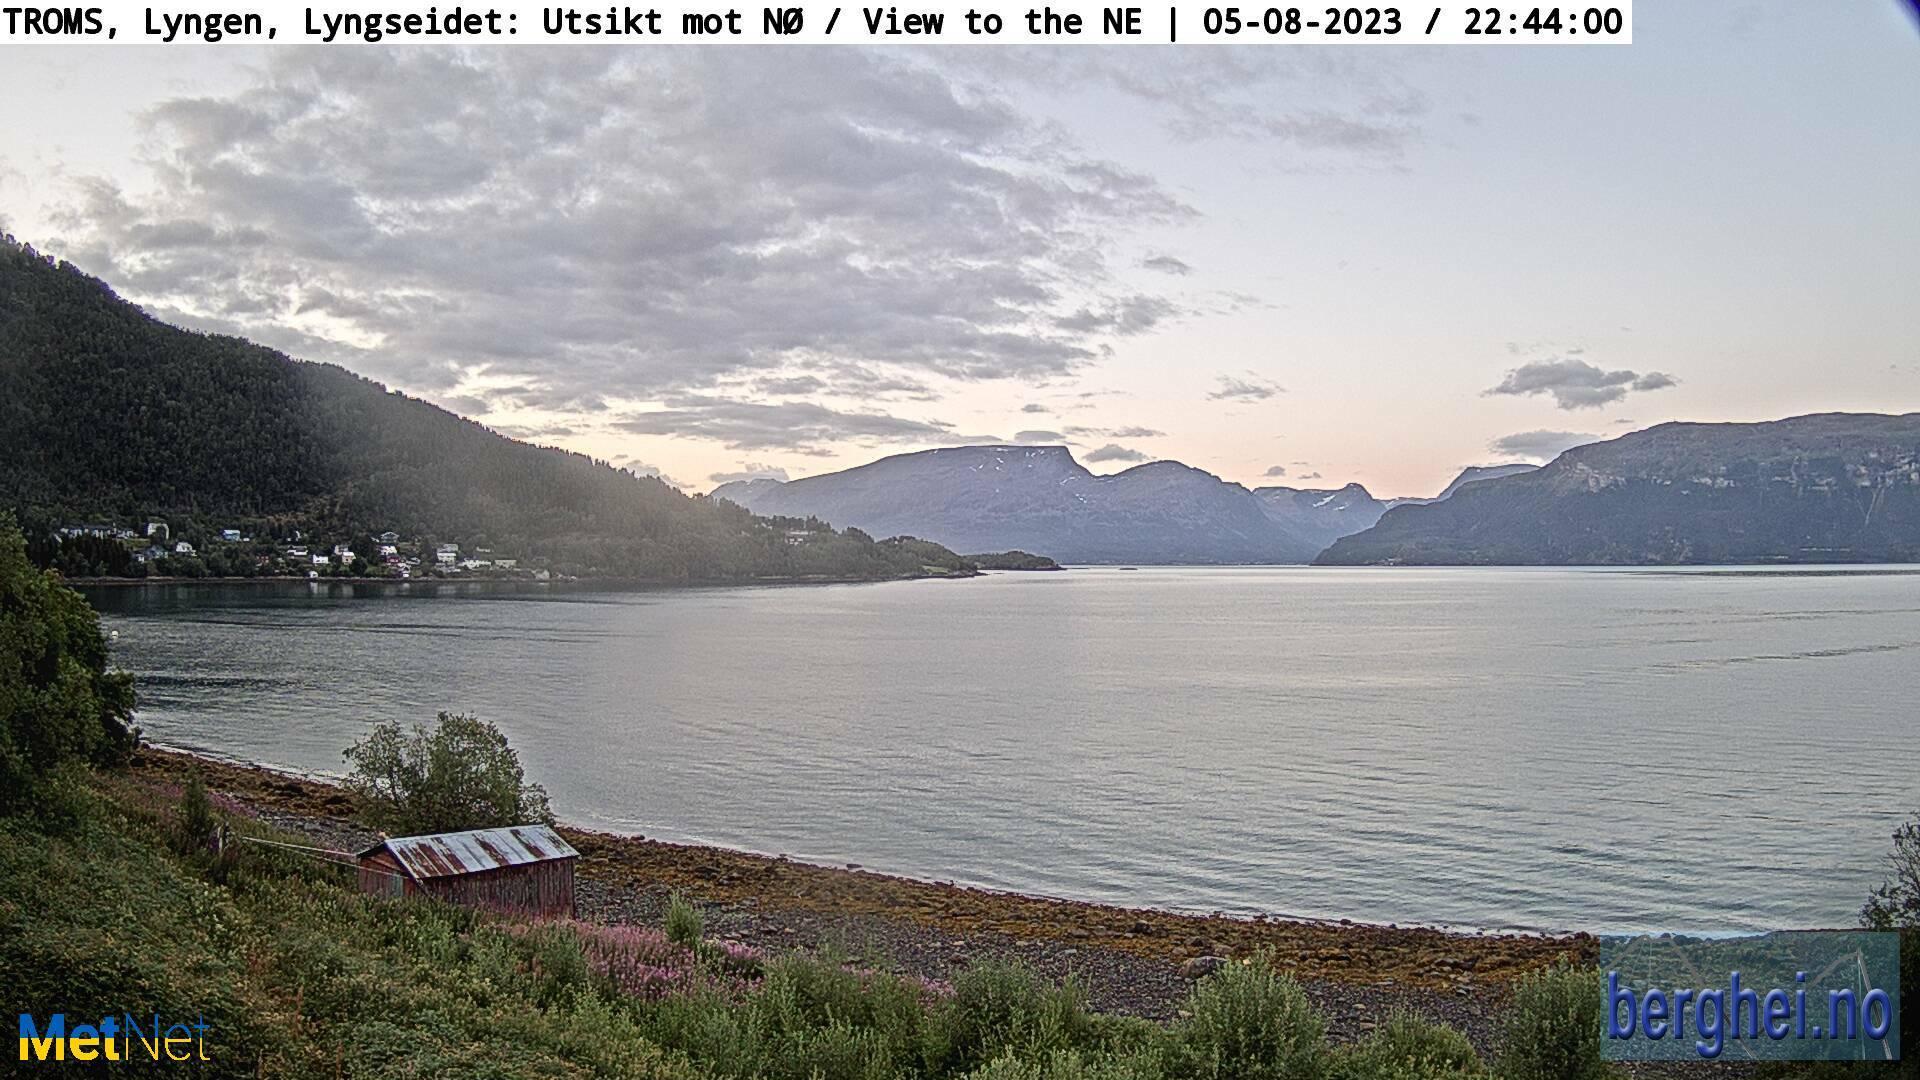 Webcam Lyngseidet › North-East: Lyngen Municipality